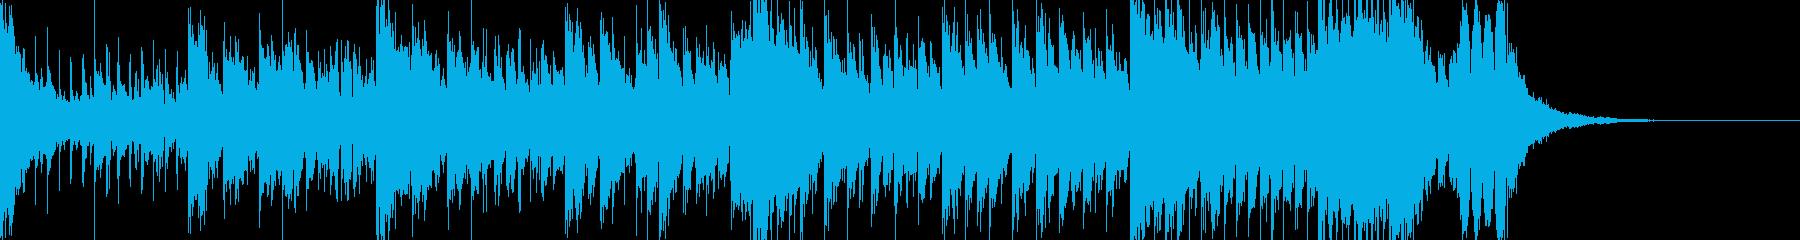 おしゃれな感じのジングルの再生済みの波形